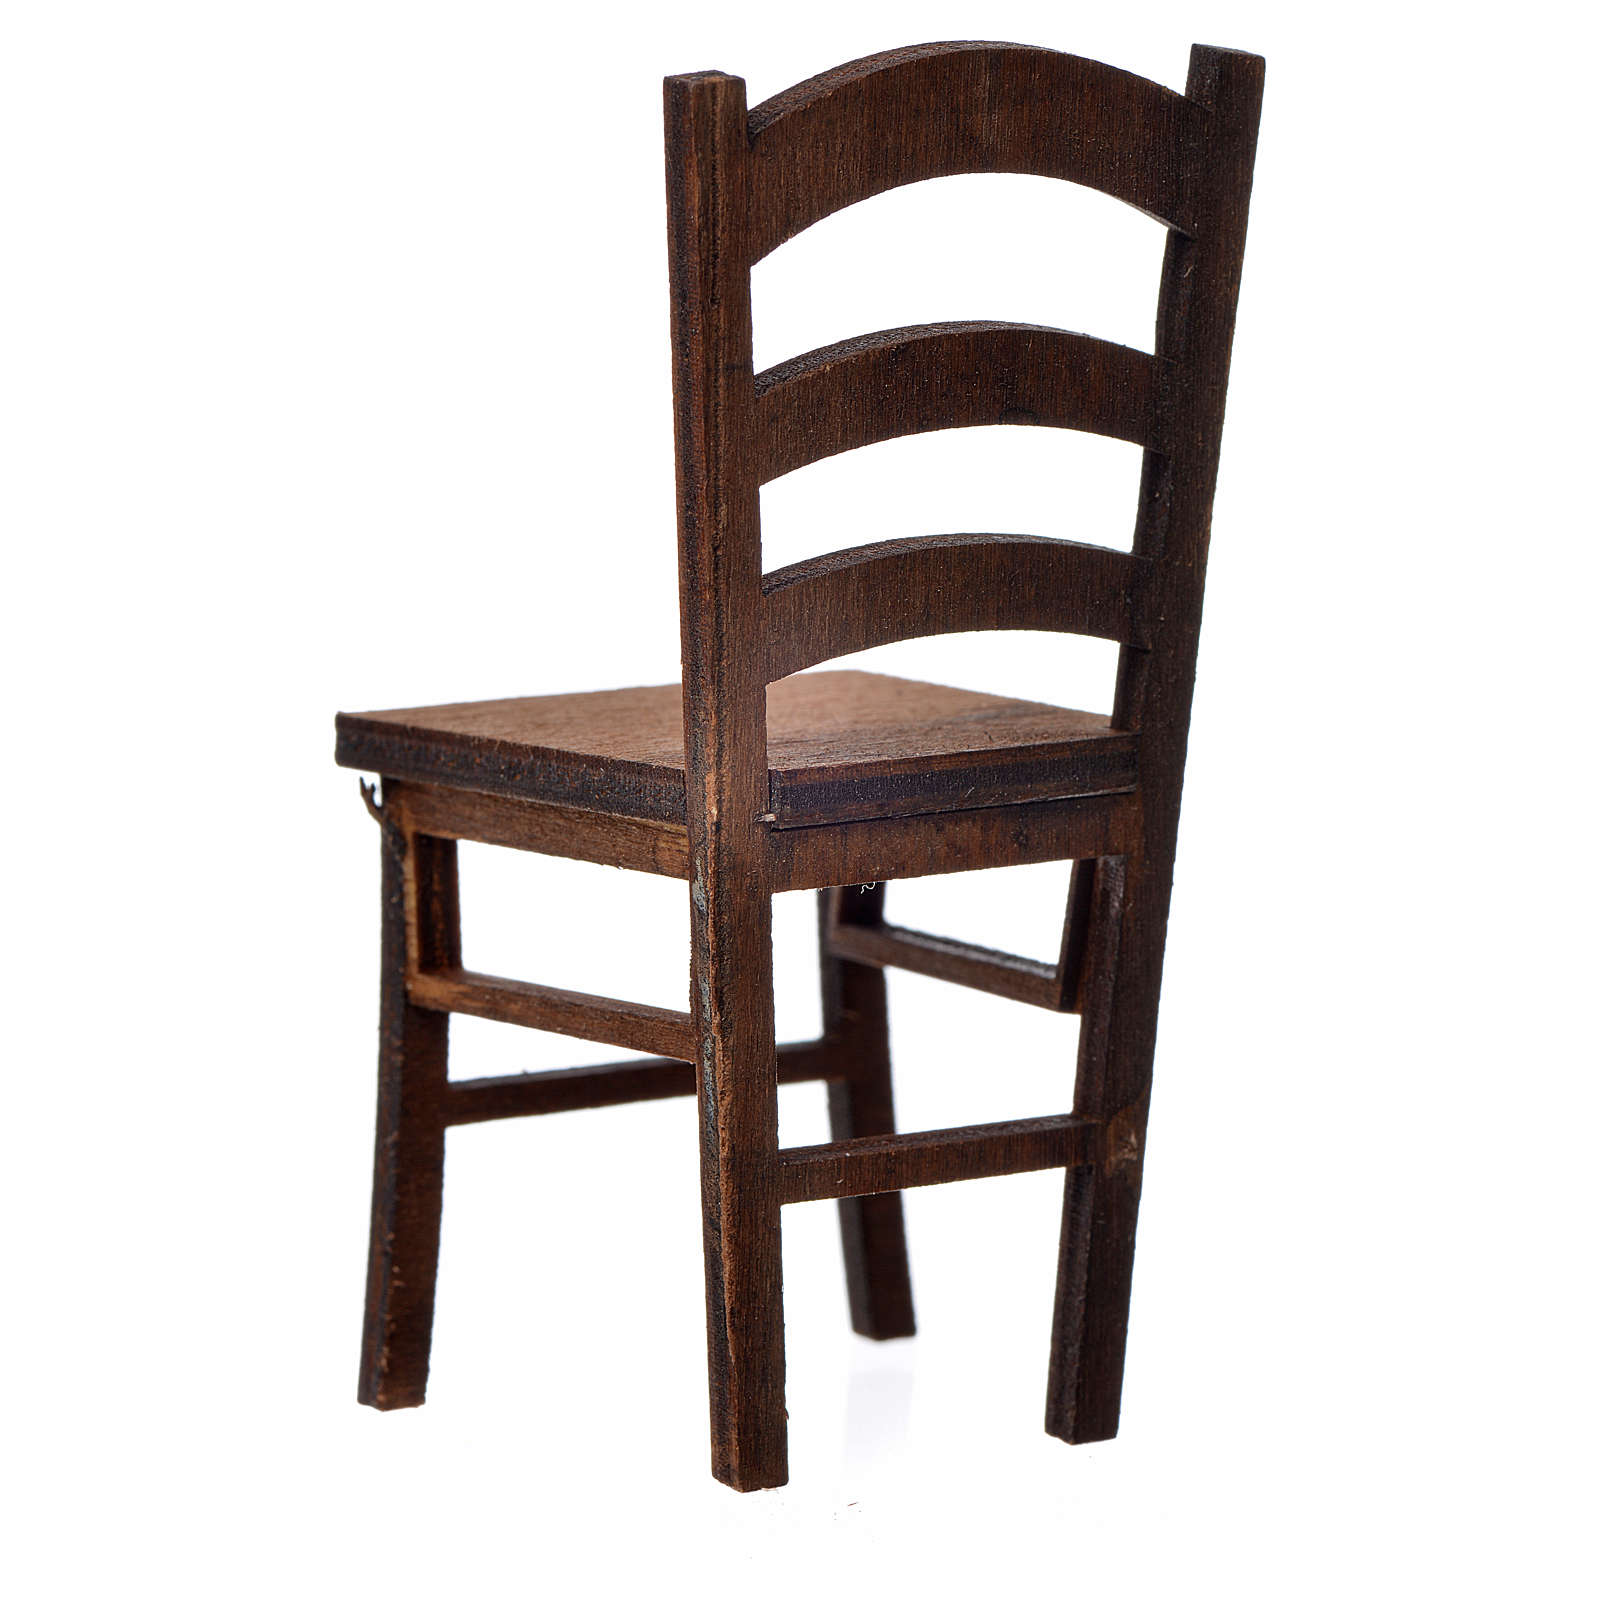 Silla madera belén 7.5x3.5x3.5 cm. 4